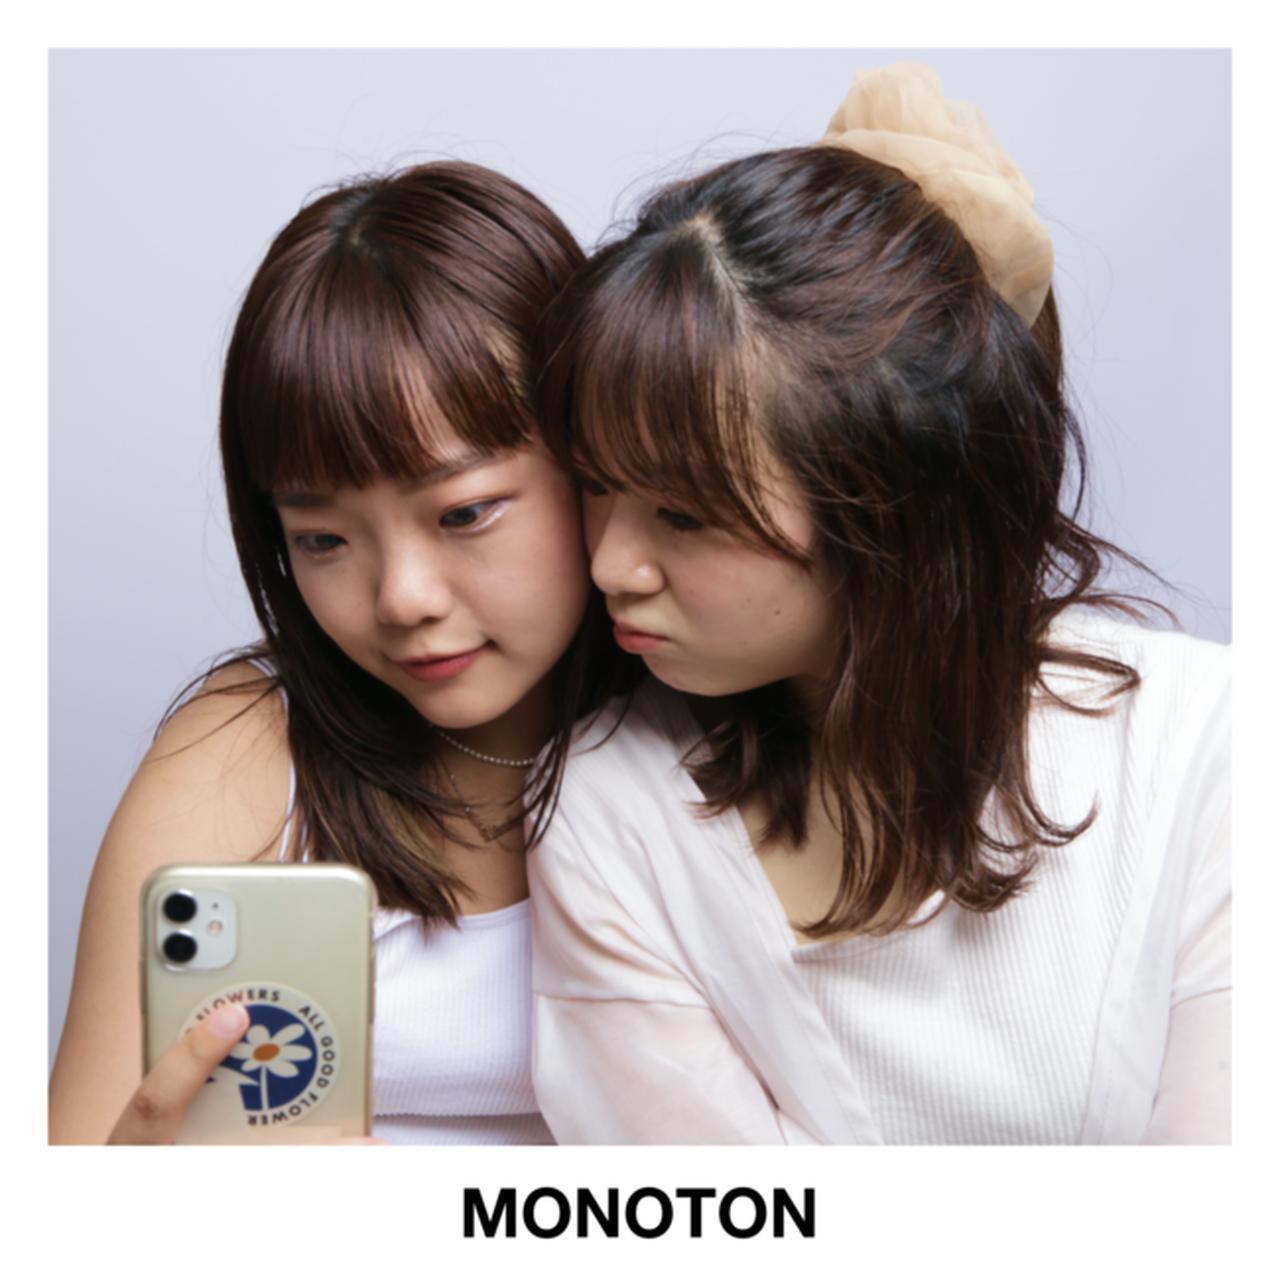 """画像4: 韓国で大流行!自分らしさを映し出すSNSで話題の""""モノクロセルフ写真館""""「MONOTON(モノトン)」が表参道にオープン!"""